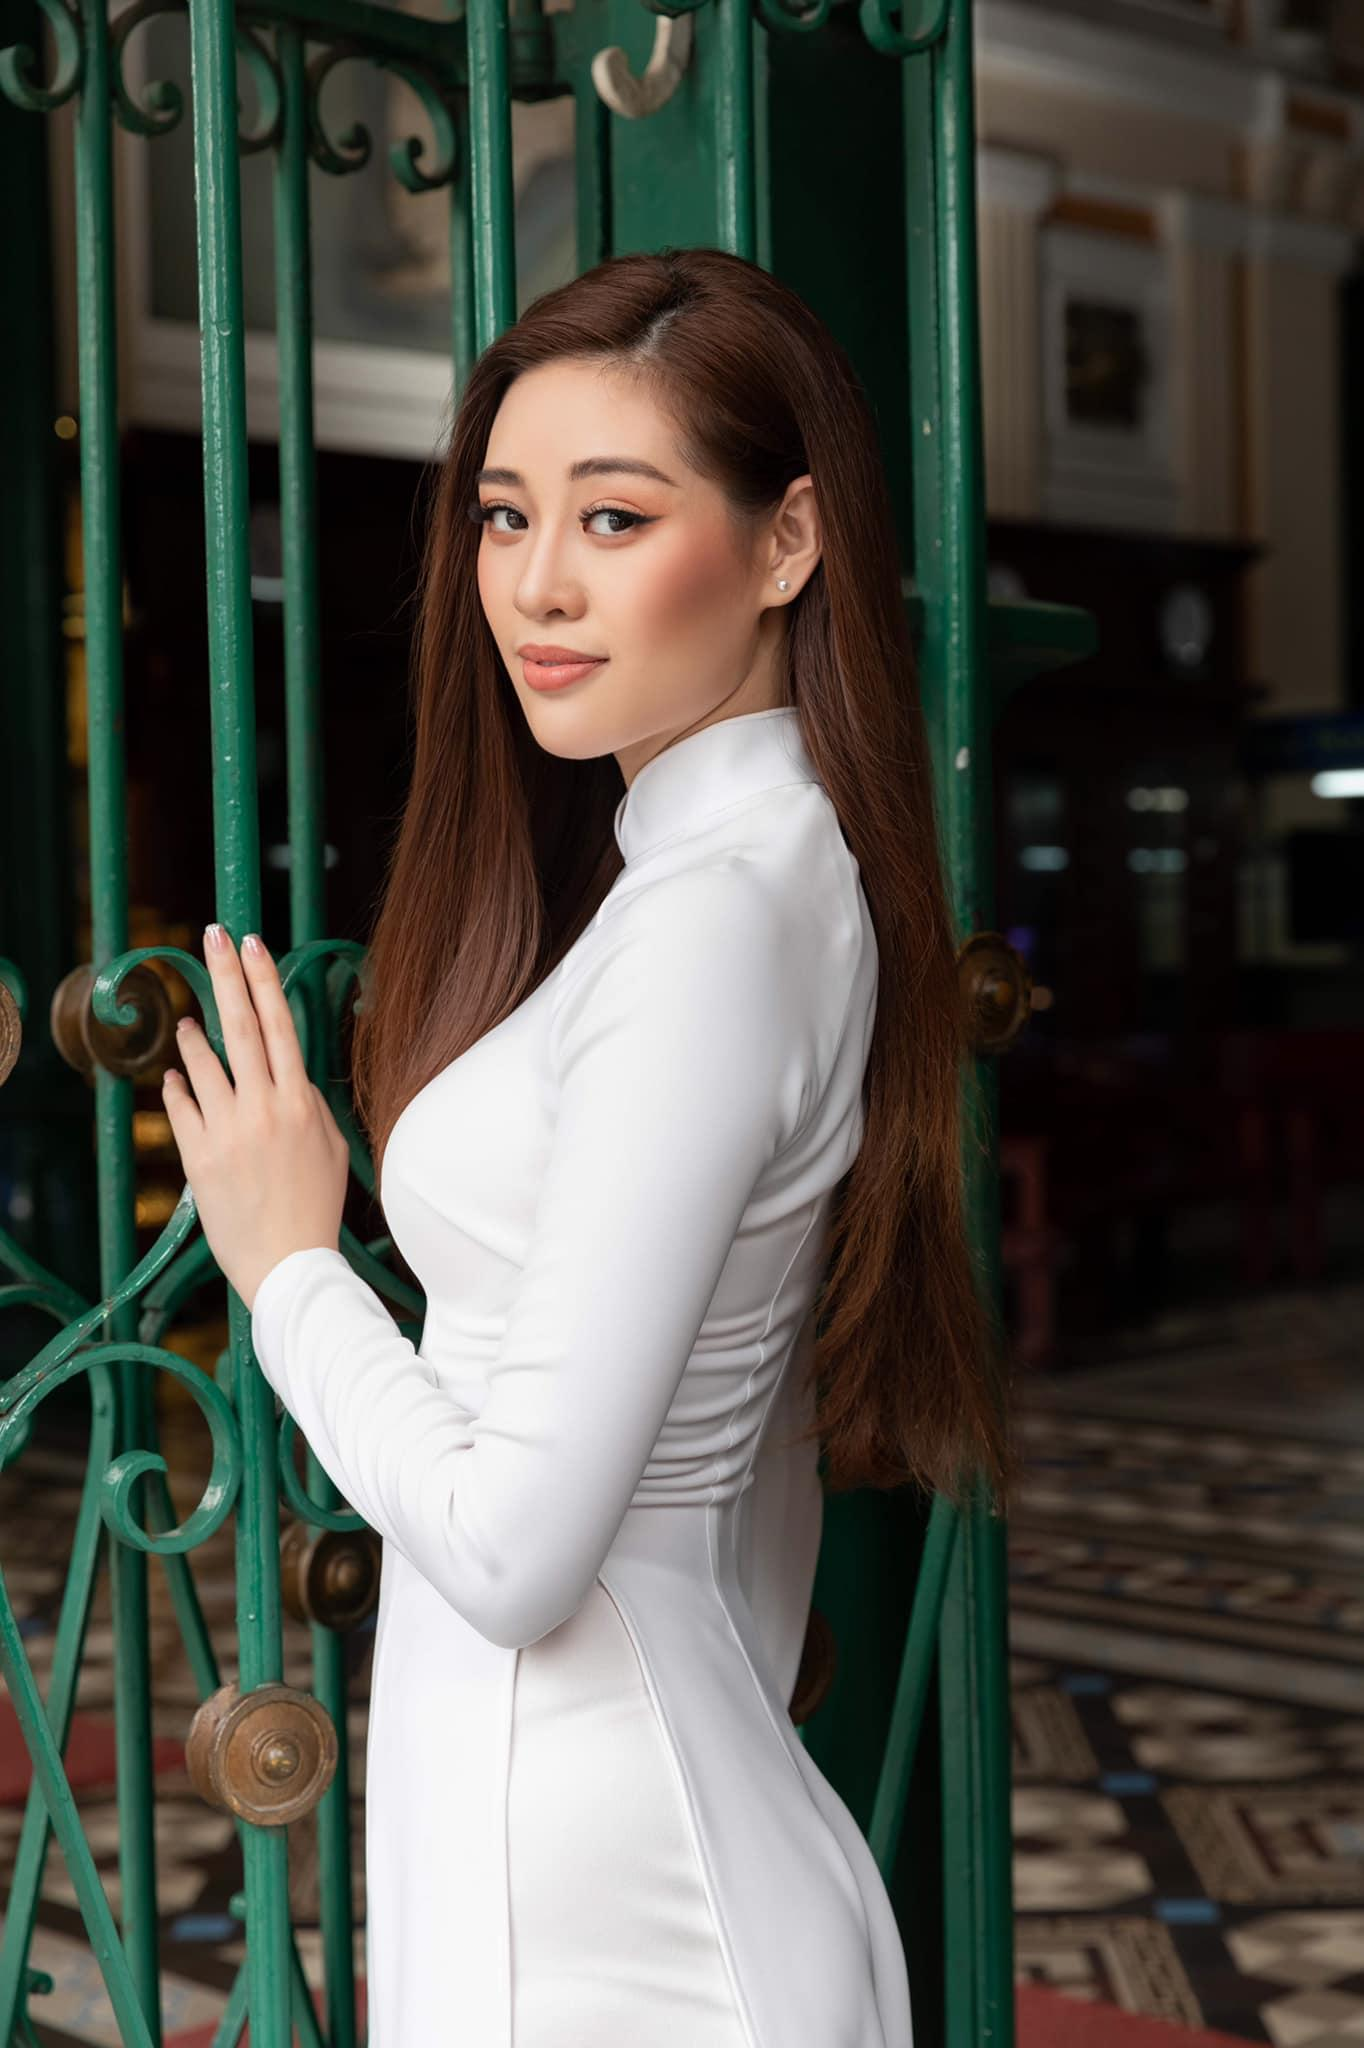 Nhan sắc Việt tỏa sáng với áo dài Ảnh 1